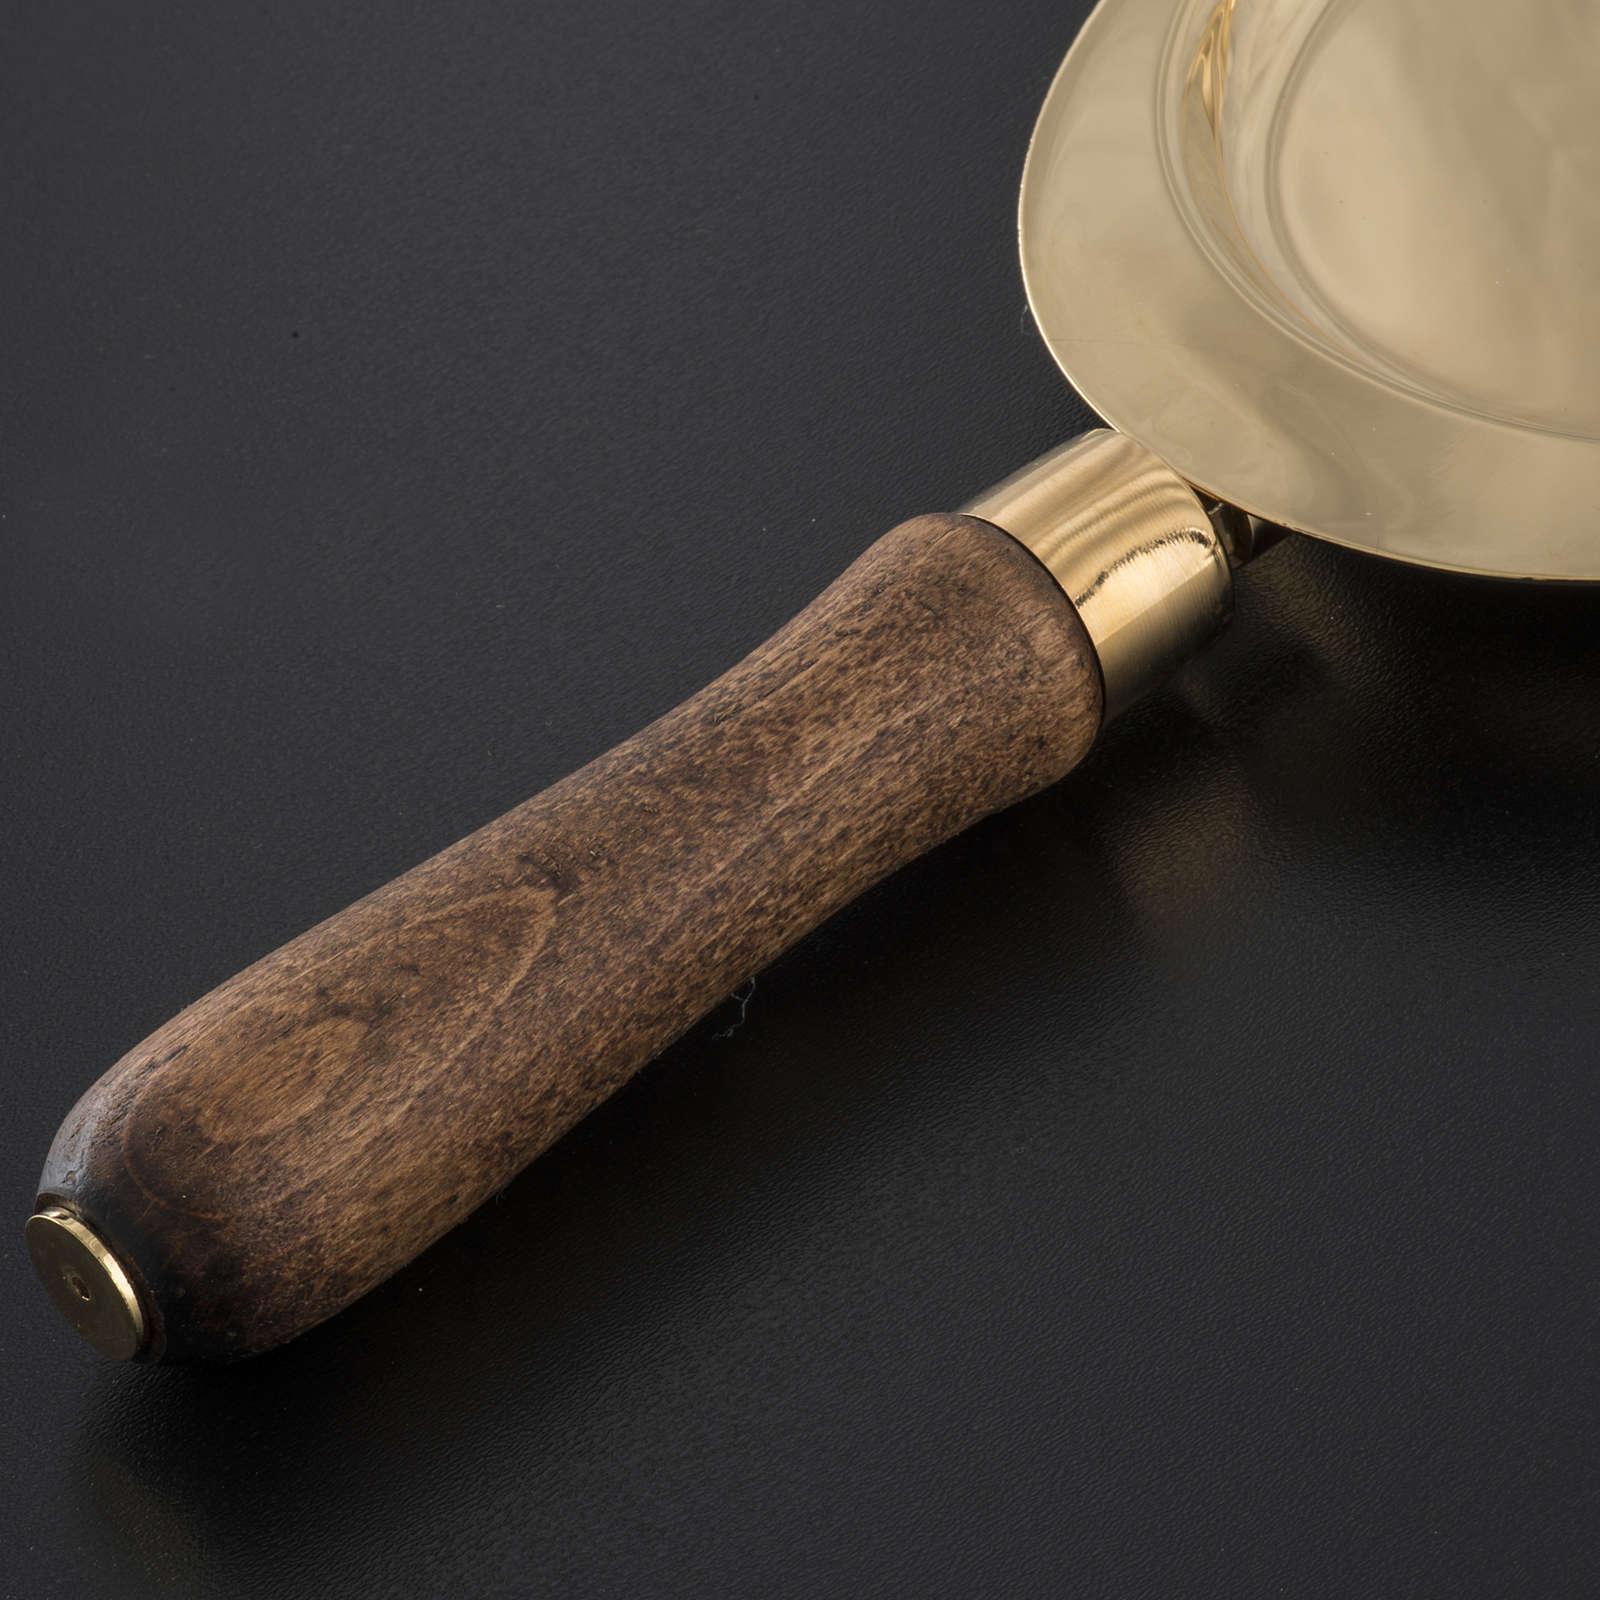 Piattello per comunione ottone manico legno 3